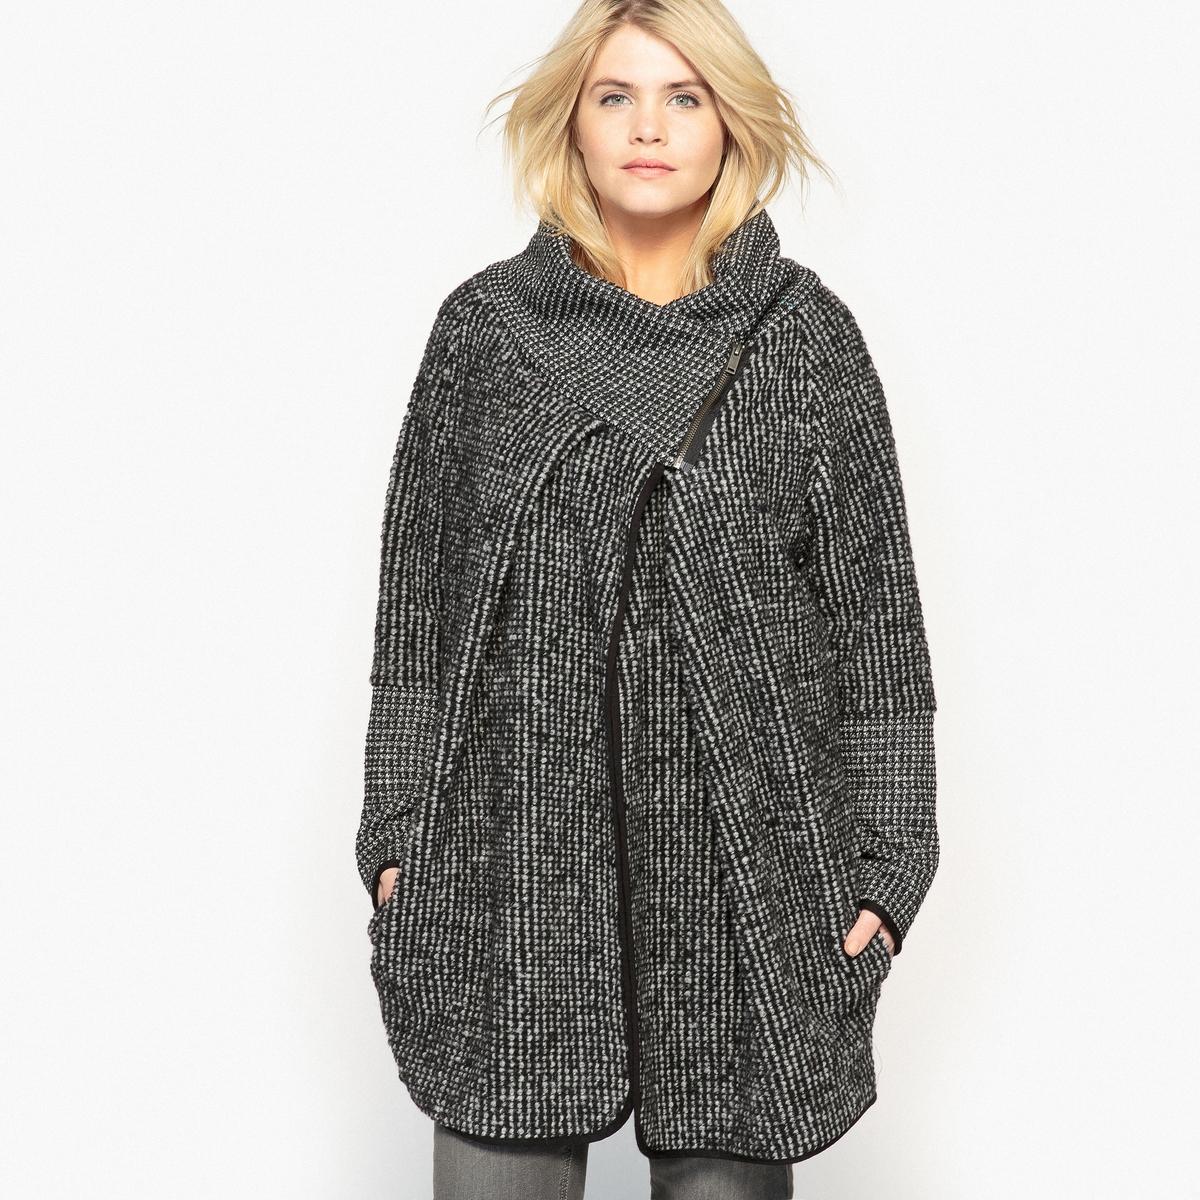 Пальто асимметричноеОписание:Невероятно стильное ассиметричное пальто . Преимущества : воротник на молнии. В сочетании с джинсами, это пальто выглядит очень симпатично .Детали •  Длина : средняя •  Воротник-стойка •  Жаккардовый рисунок •  Застежка на молниюСостав и уход •  40% шерсти, 5% акрила, 55% полиэстера •  Температура стирки при 30° на деликатном режиме   •  Деликатная сухая чистка / не отбеливать •  Не использовать барабанную сушку   •  Не гладитьТовар из коллекции больших размеров •  Длина : 88,8 см<br><br>Цвет: черный/ белый